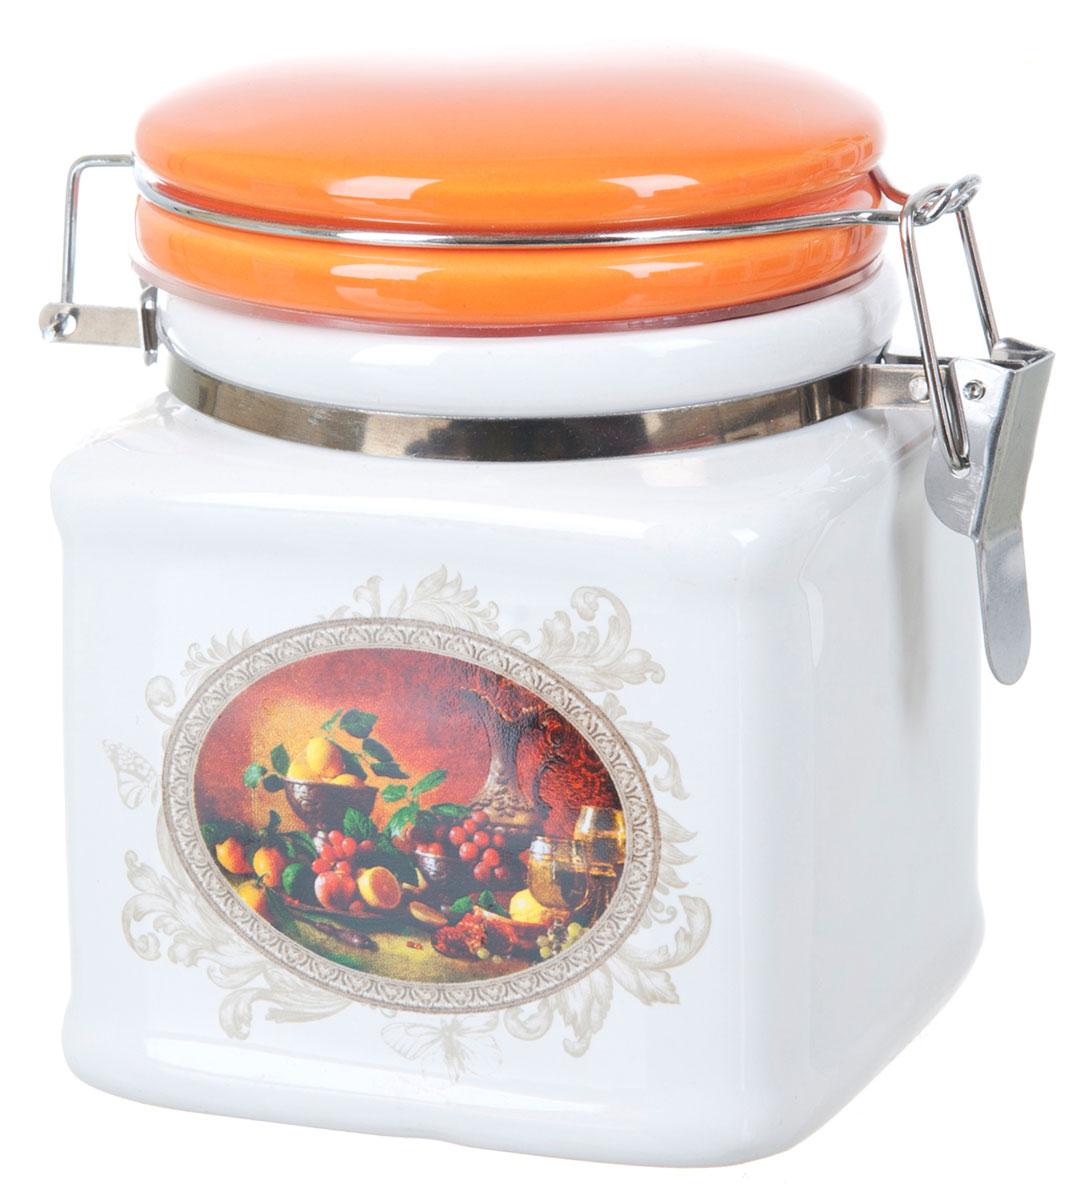 Банка для сыпучих продуктов Polystar Севилья, 500 мл. L2520572L2520572Банка для сыпучих продуктов Polystar Севилья изготовлена из прочной доломитовой керамики, покрытой слоем сверкающей гладкой глазури. Изделие оформлено красочным изображением.Банка прекрасно подойдет для хранения различных сыпучих продуктов: чая, кофе, сахара, круп и многого другого. Благодаря силиконовой прослойке и бугельному замку, крышка герметично закрывается, что позволяет дольше сохранять продукты свежими.Изящная емкость не только поможет хранить разнообразные сыпучие продукты, но и стильно дополнит интерьер кухни.Изделие подходит для использования в посудомоечной машине и в холодильнике.